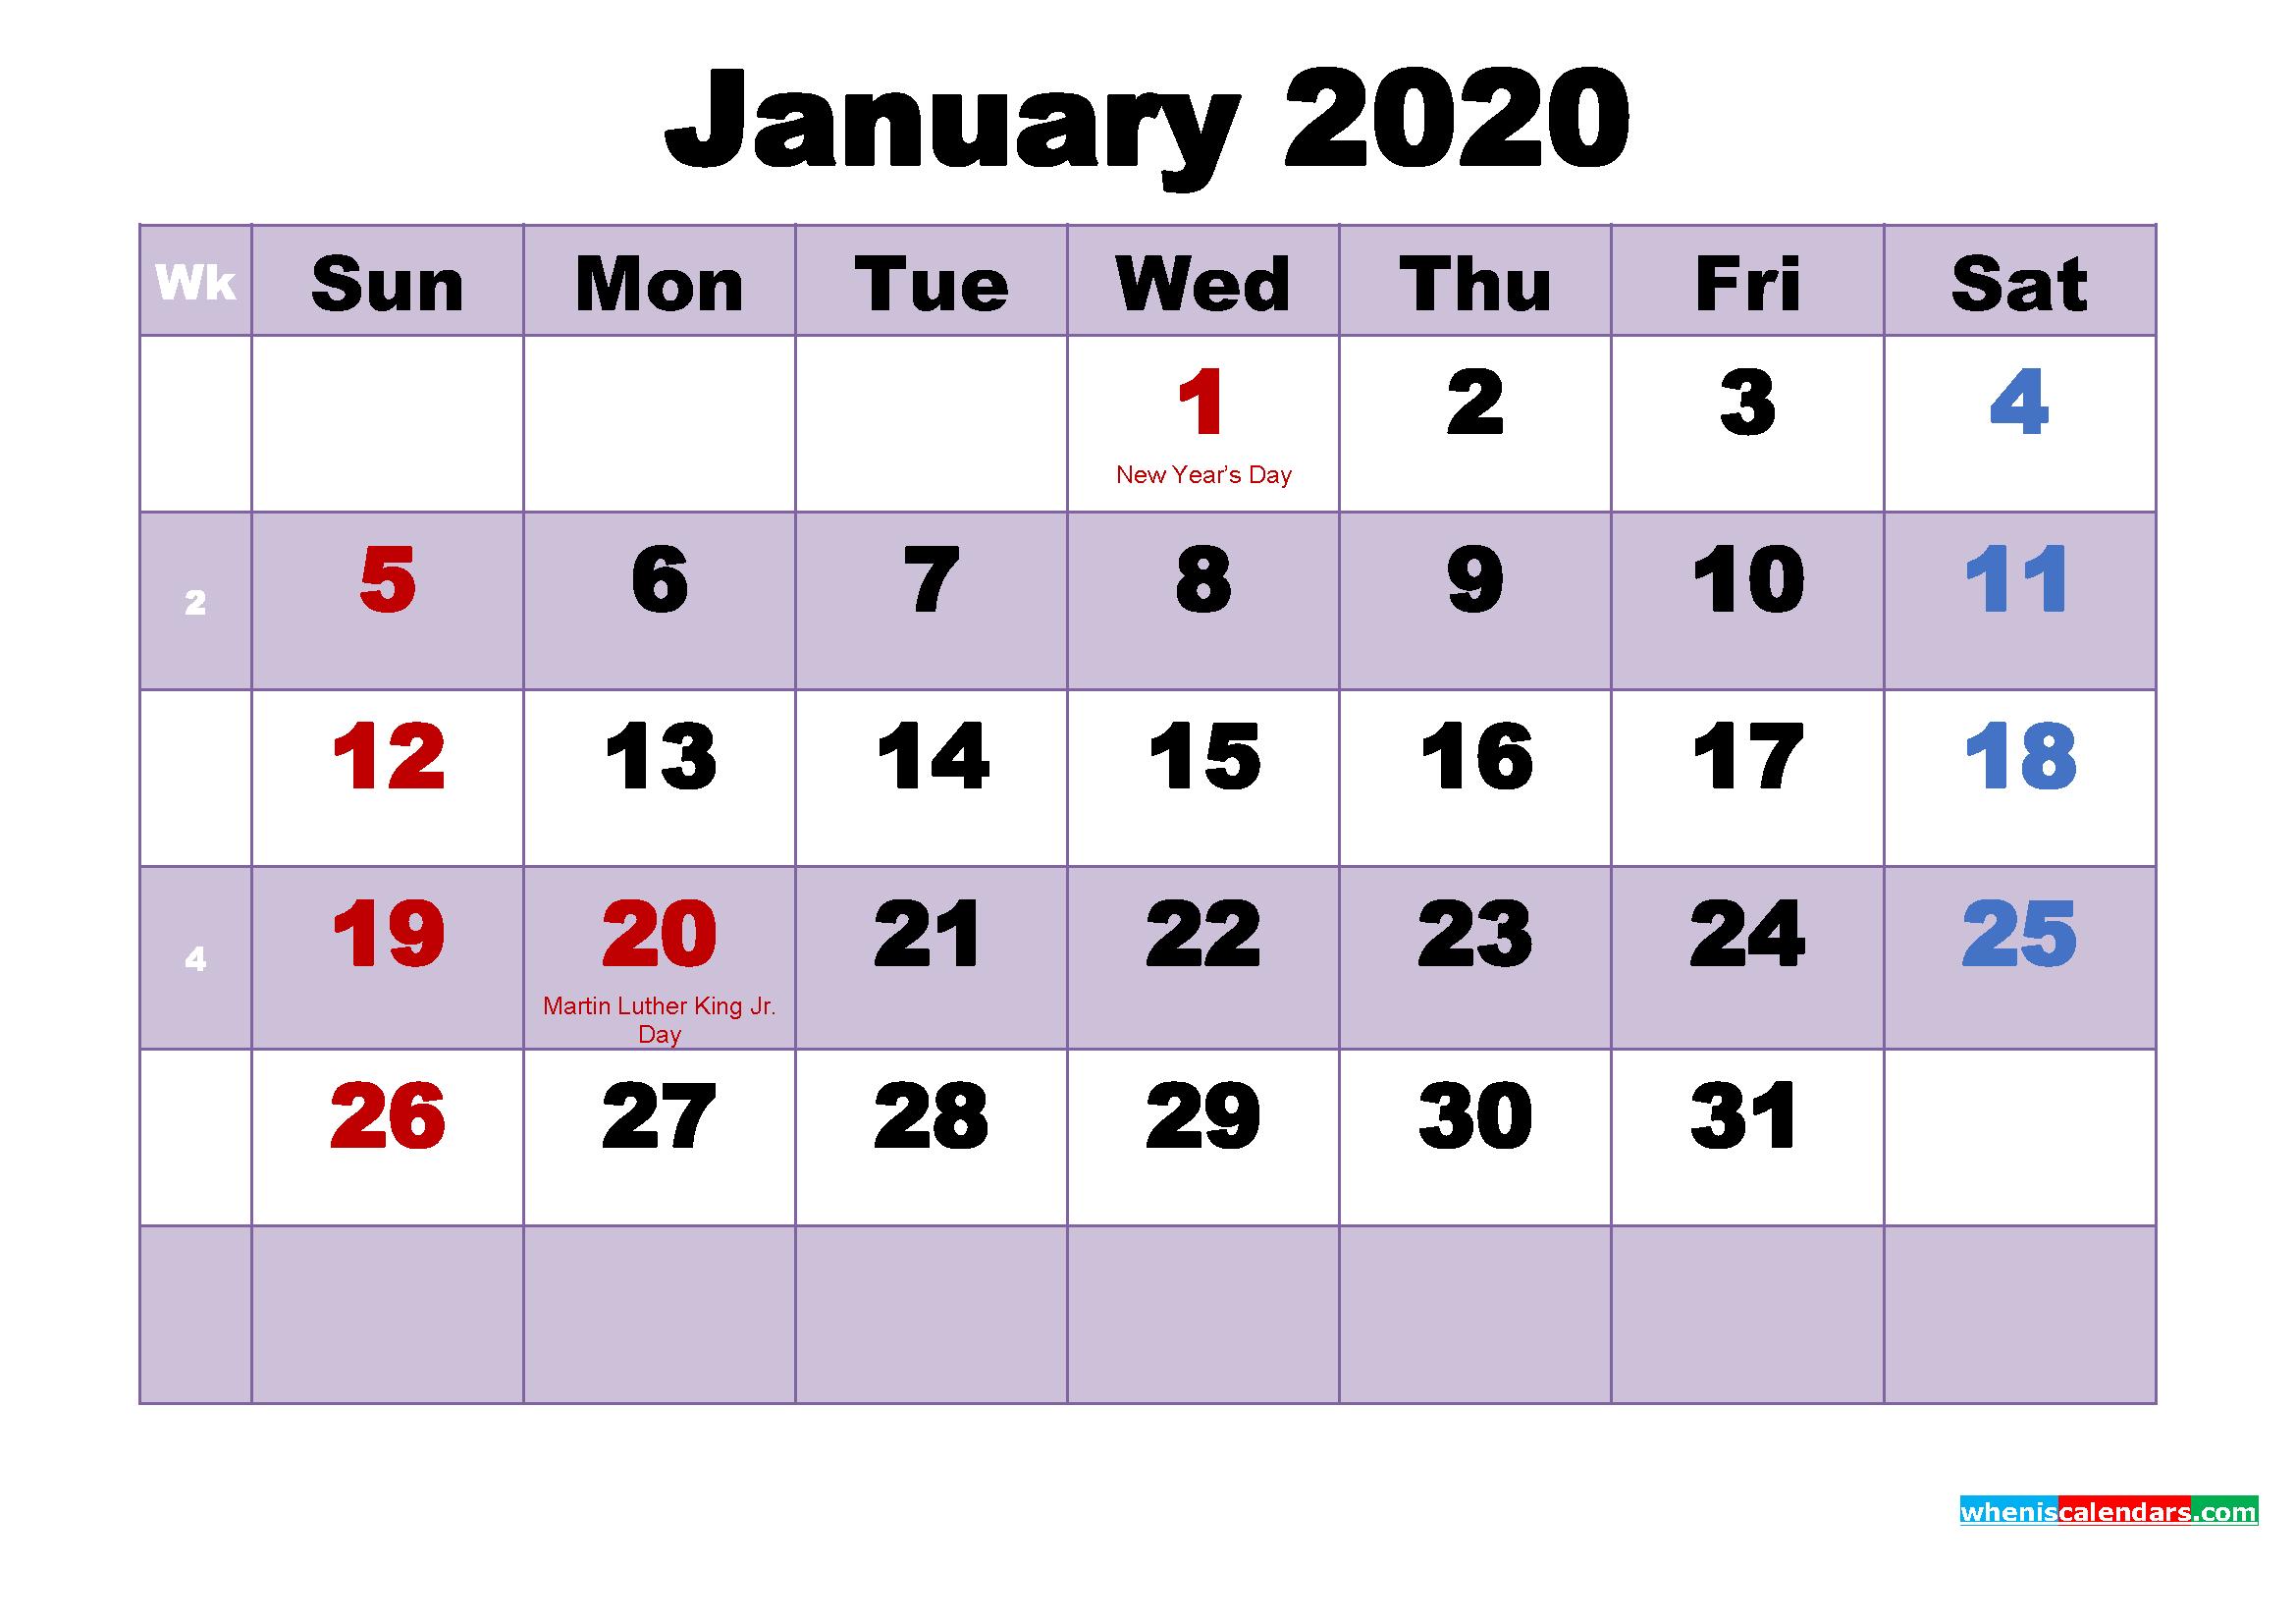 January 2020 Calendar Wallpaper Free Download